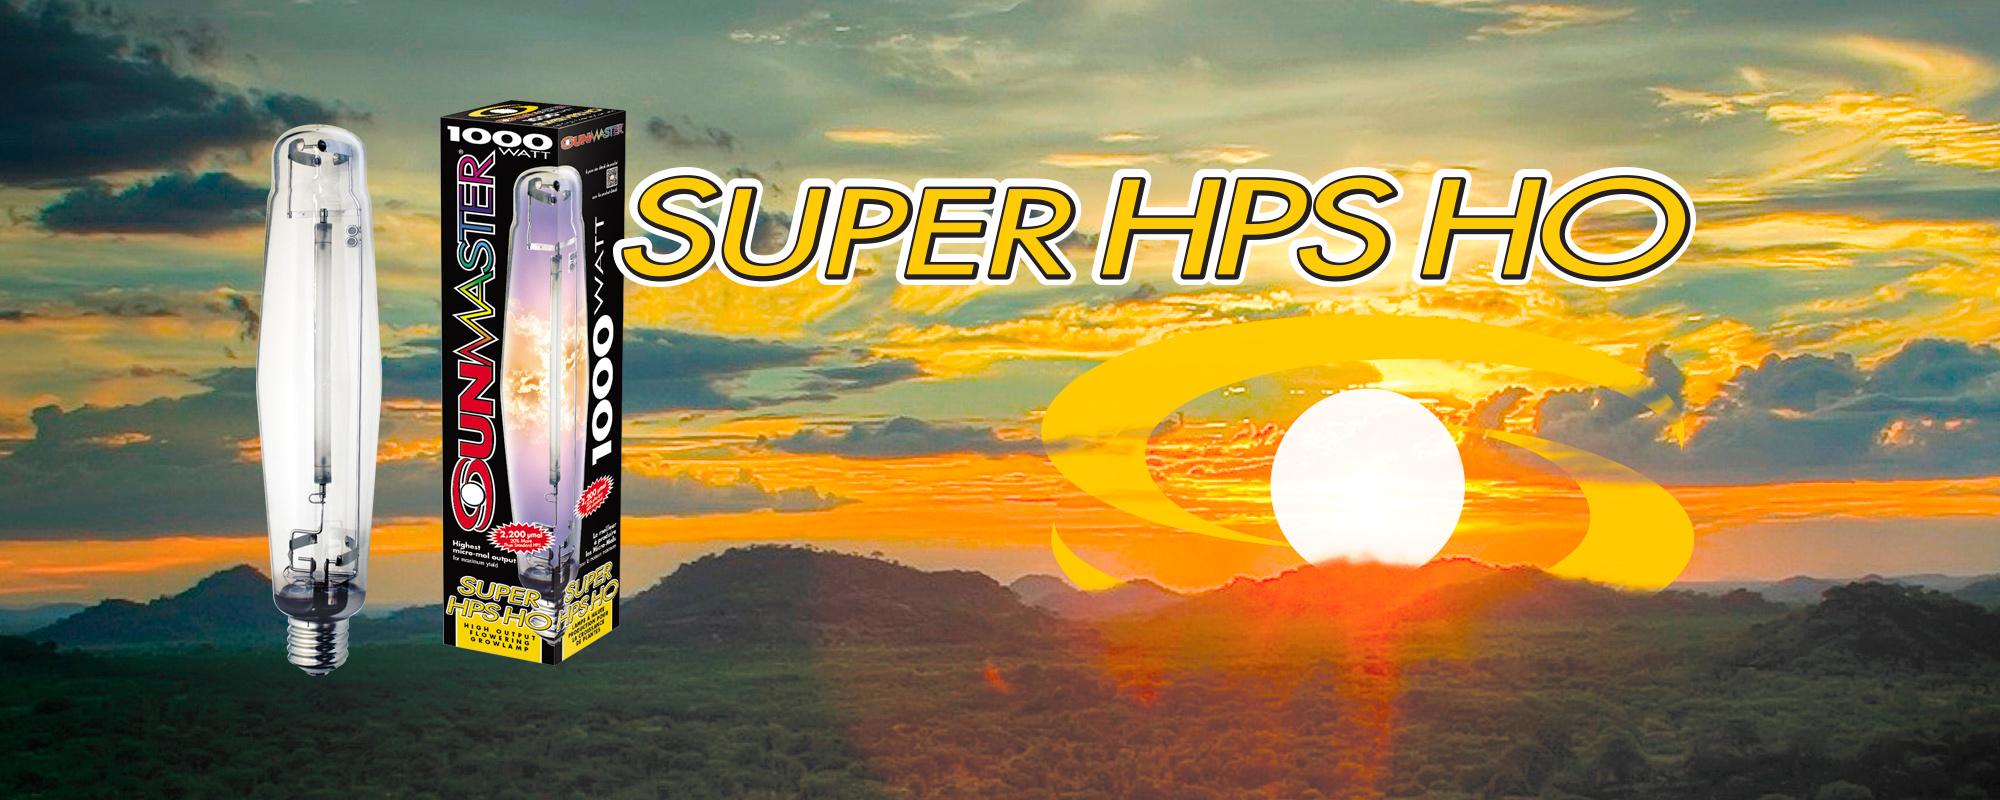 SUNMASTER 1000W SUPER HPS HO Single-ended grow lamp